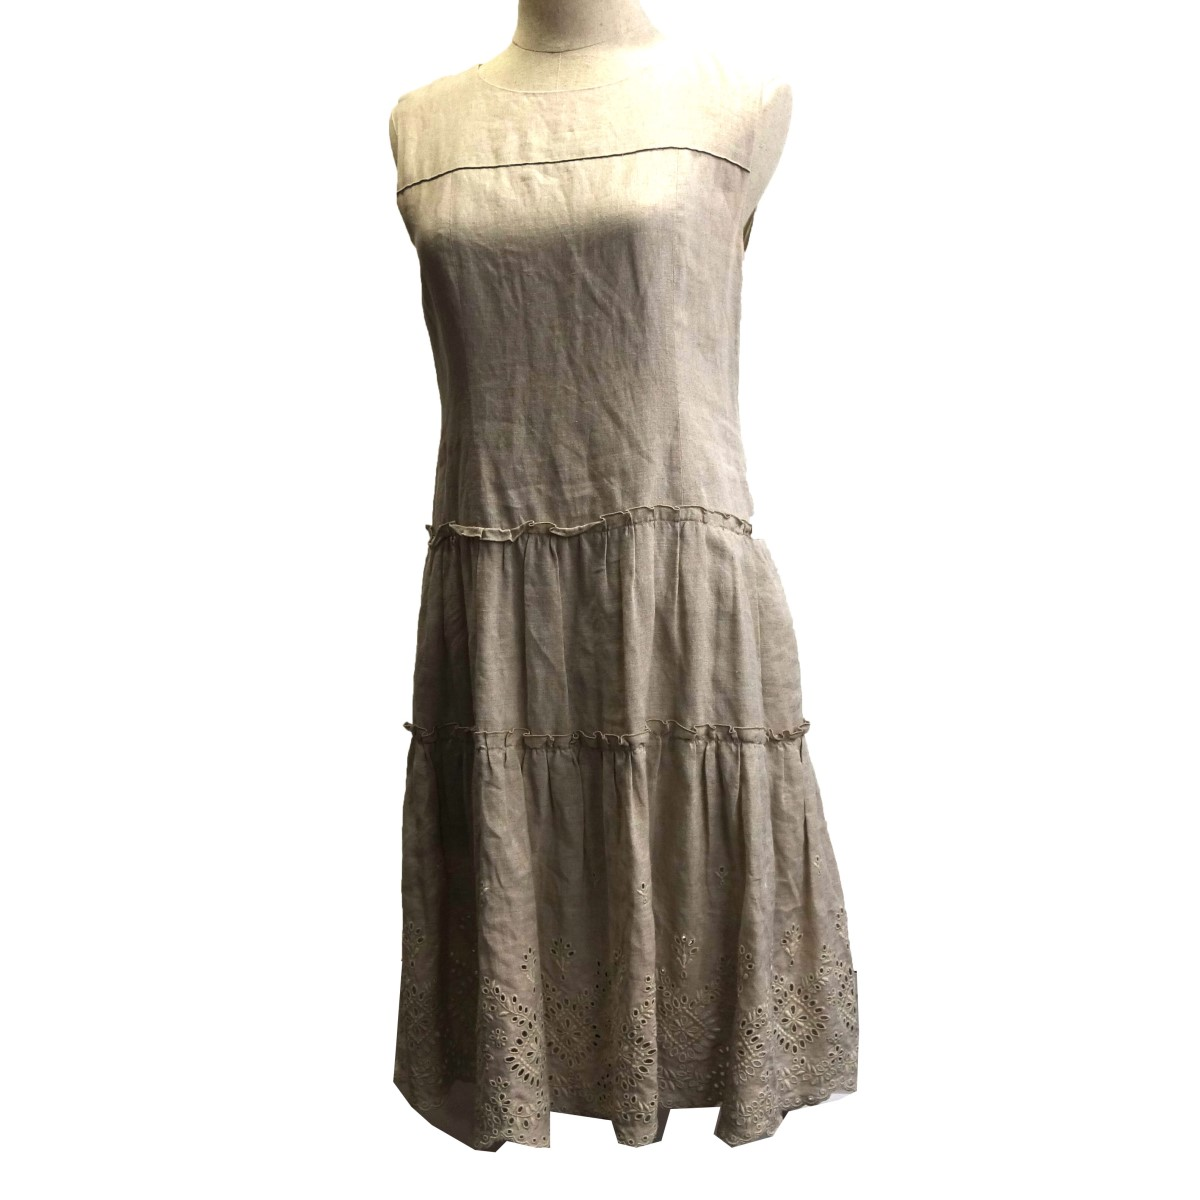 【中古】FOXEY BOUTIQUE 「Dress GARDENIA」 38115 ガーデニアドレスノースリーブワンピース ナチュラル サイズ:40 【070420】(フォクシーブティック)